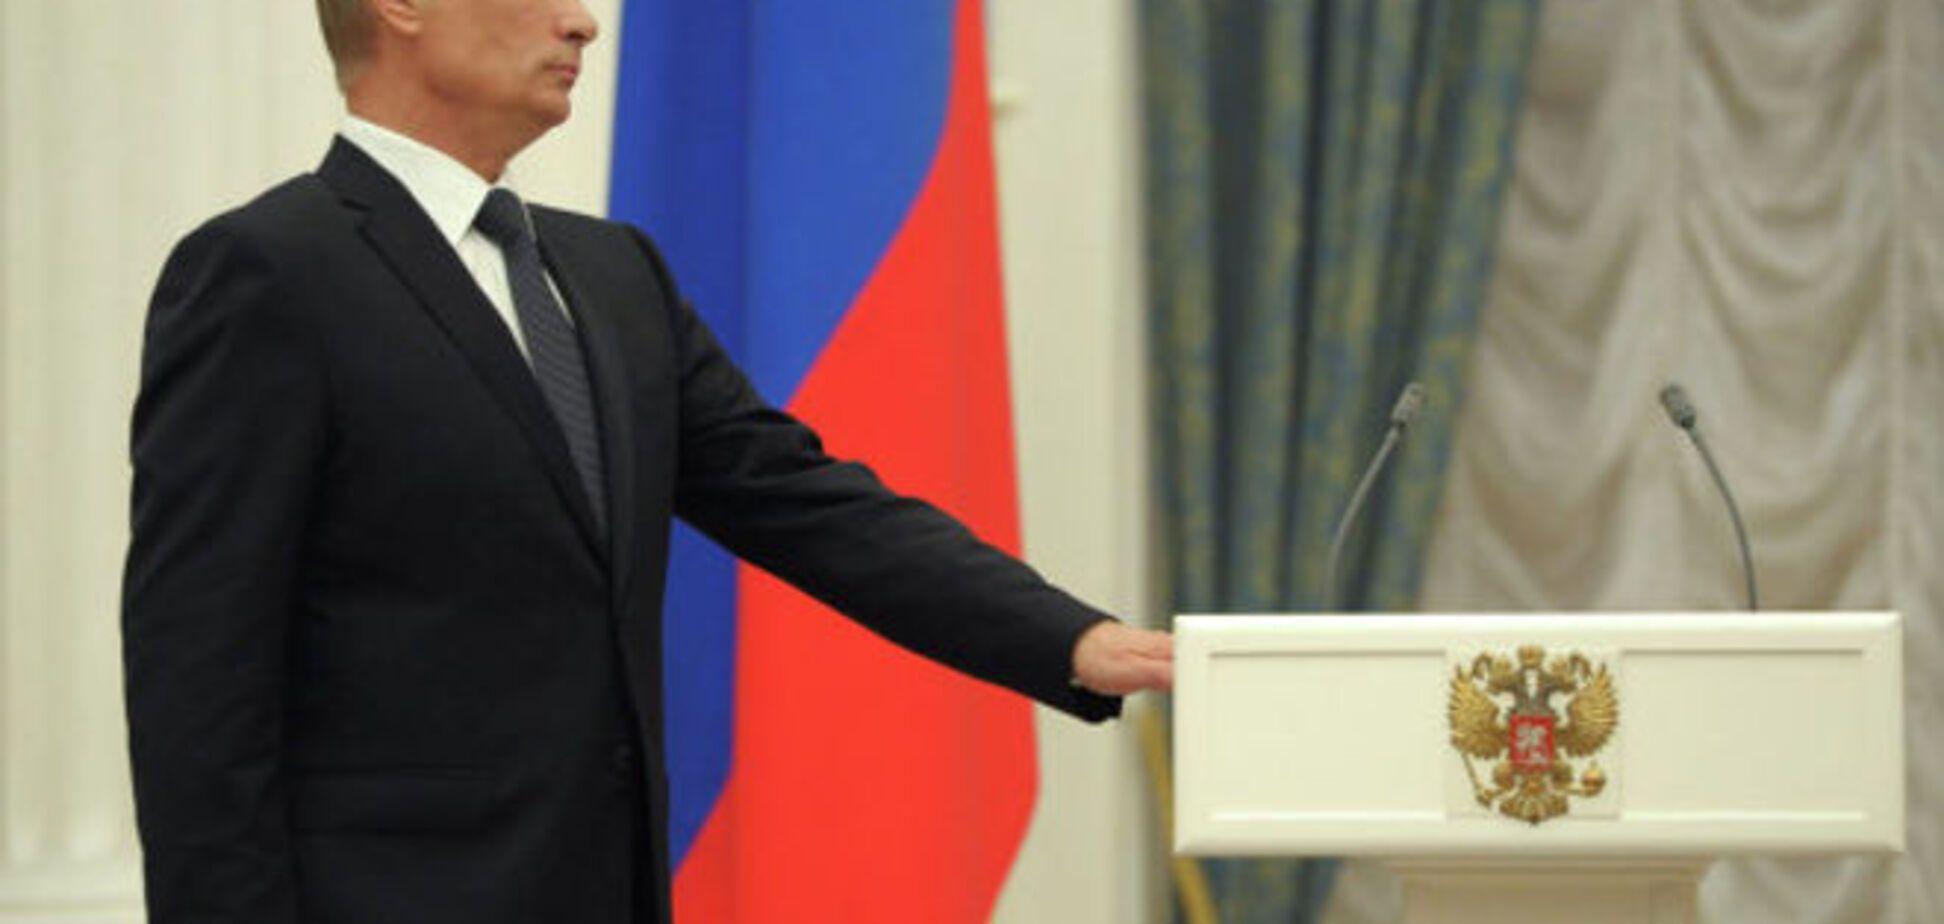 'Назад в будущее': Путин еще в 2010 году наградил 'убийцу' Немцова